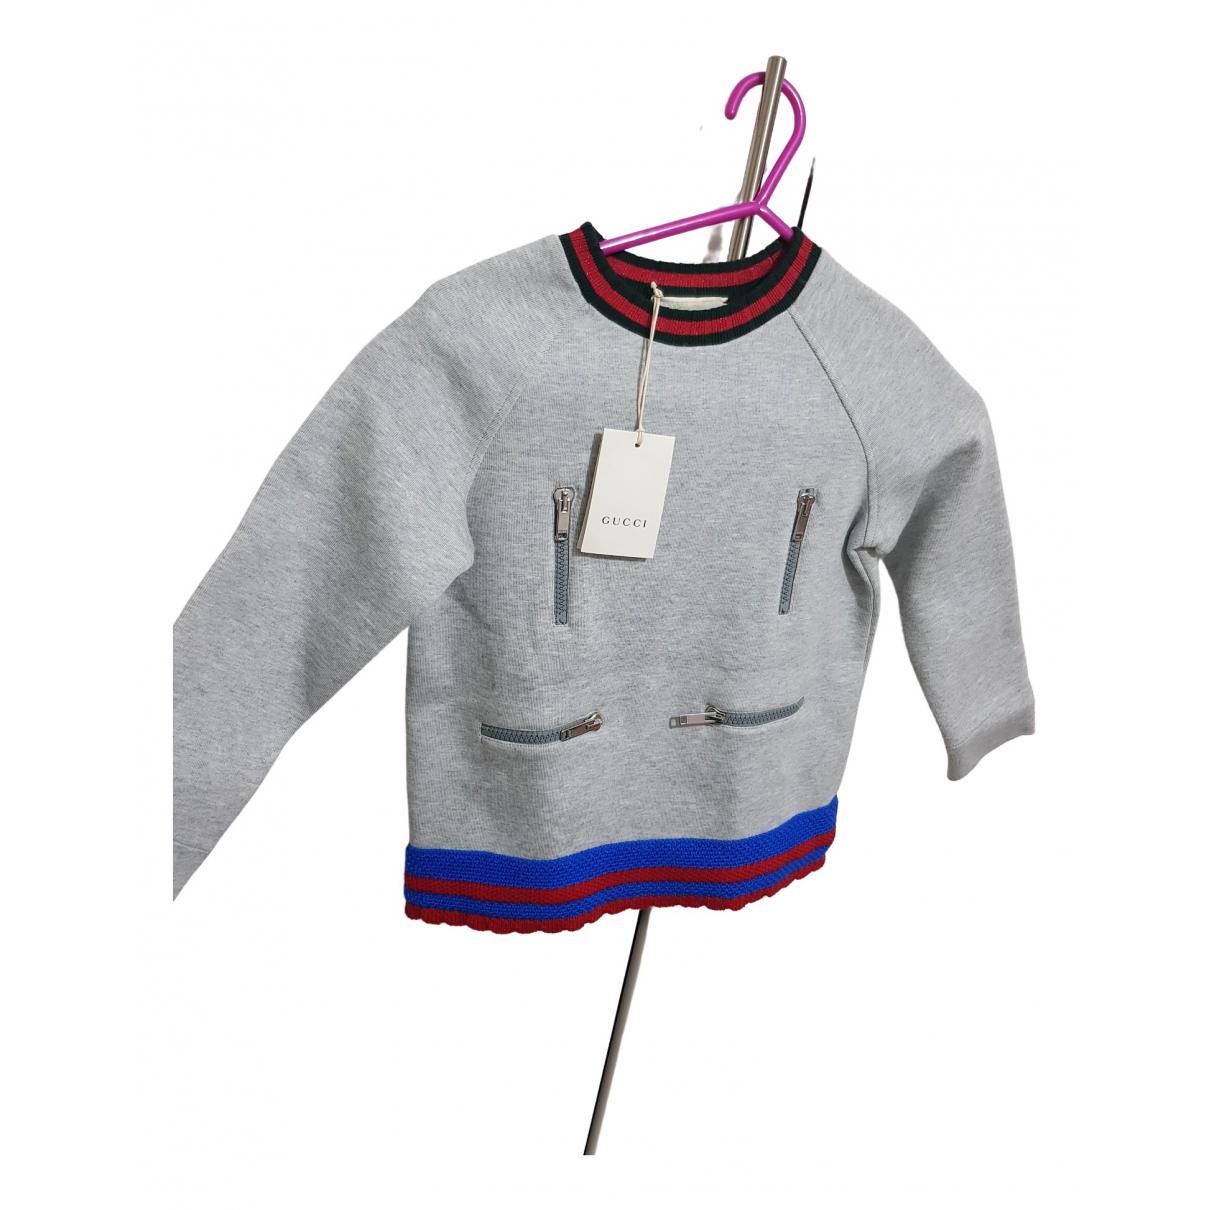 Gucci - Les ensembles   pour enfant en coton - multicolore